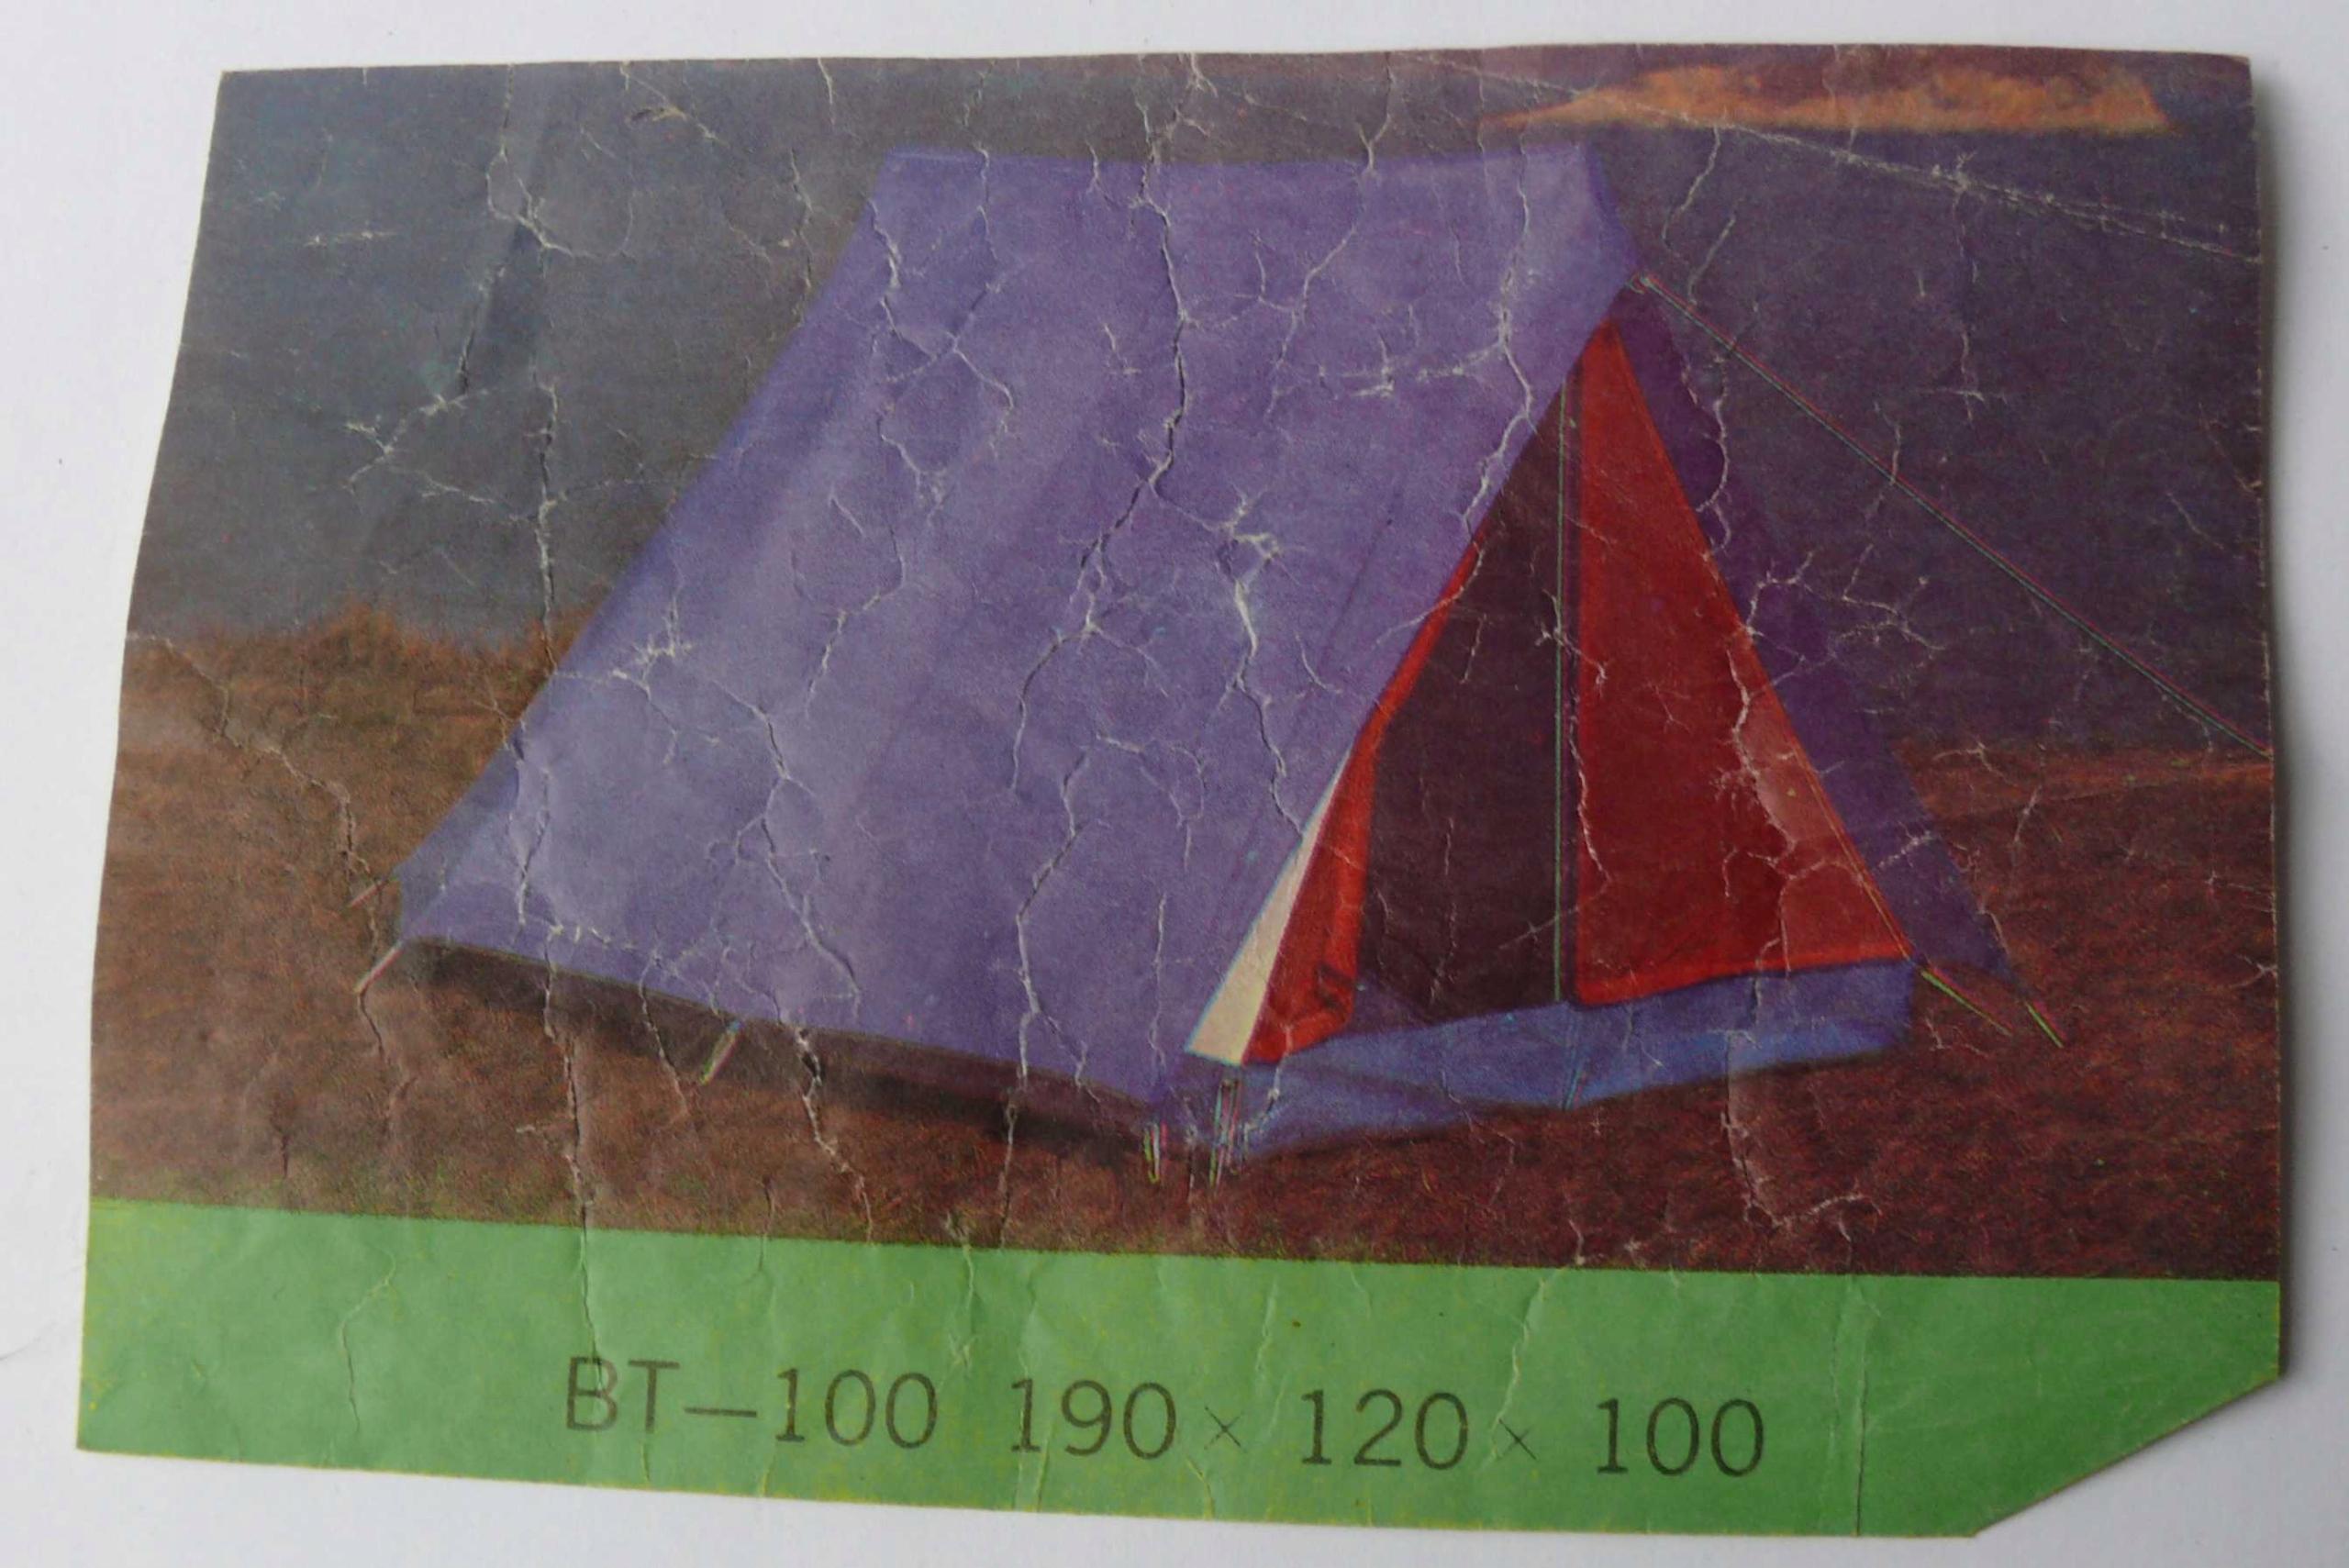 Namiot BT 100 PRL